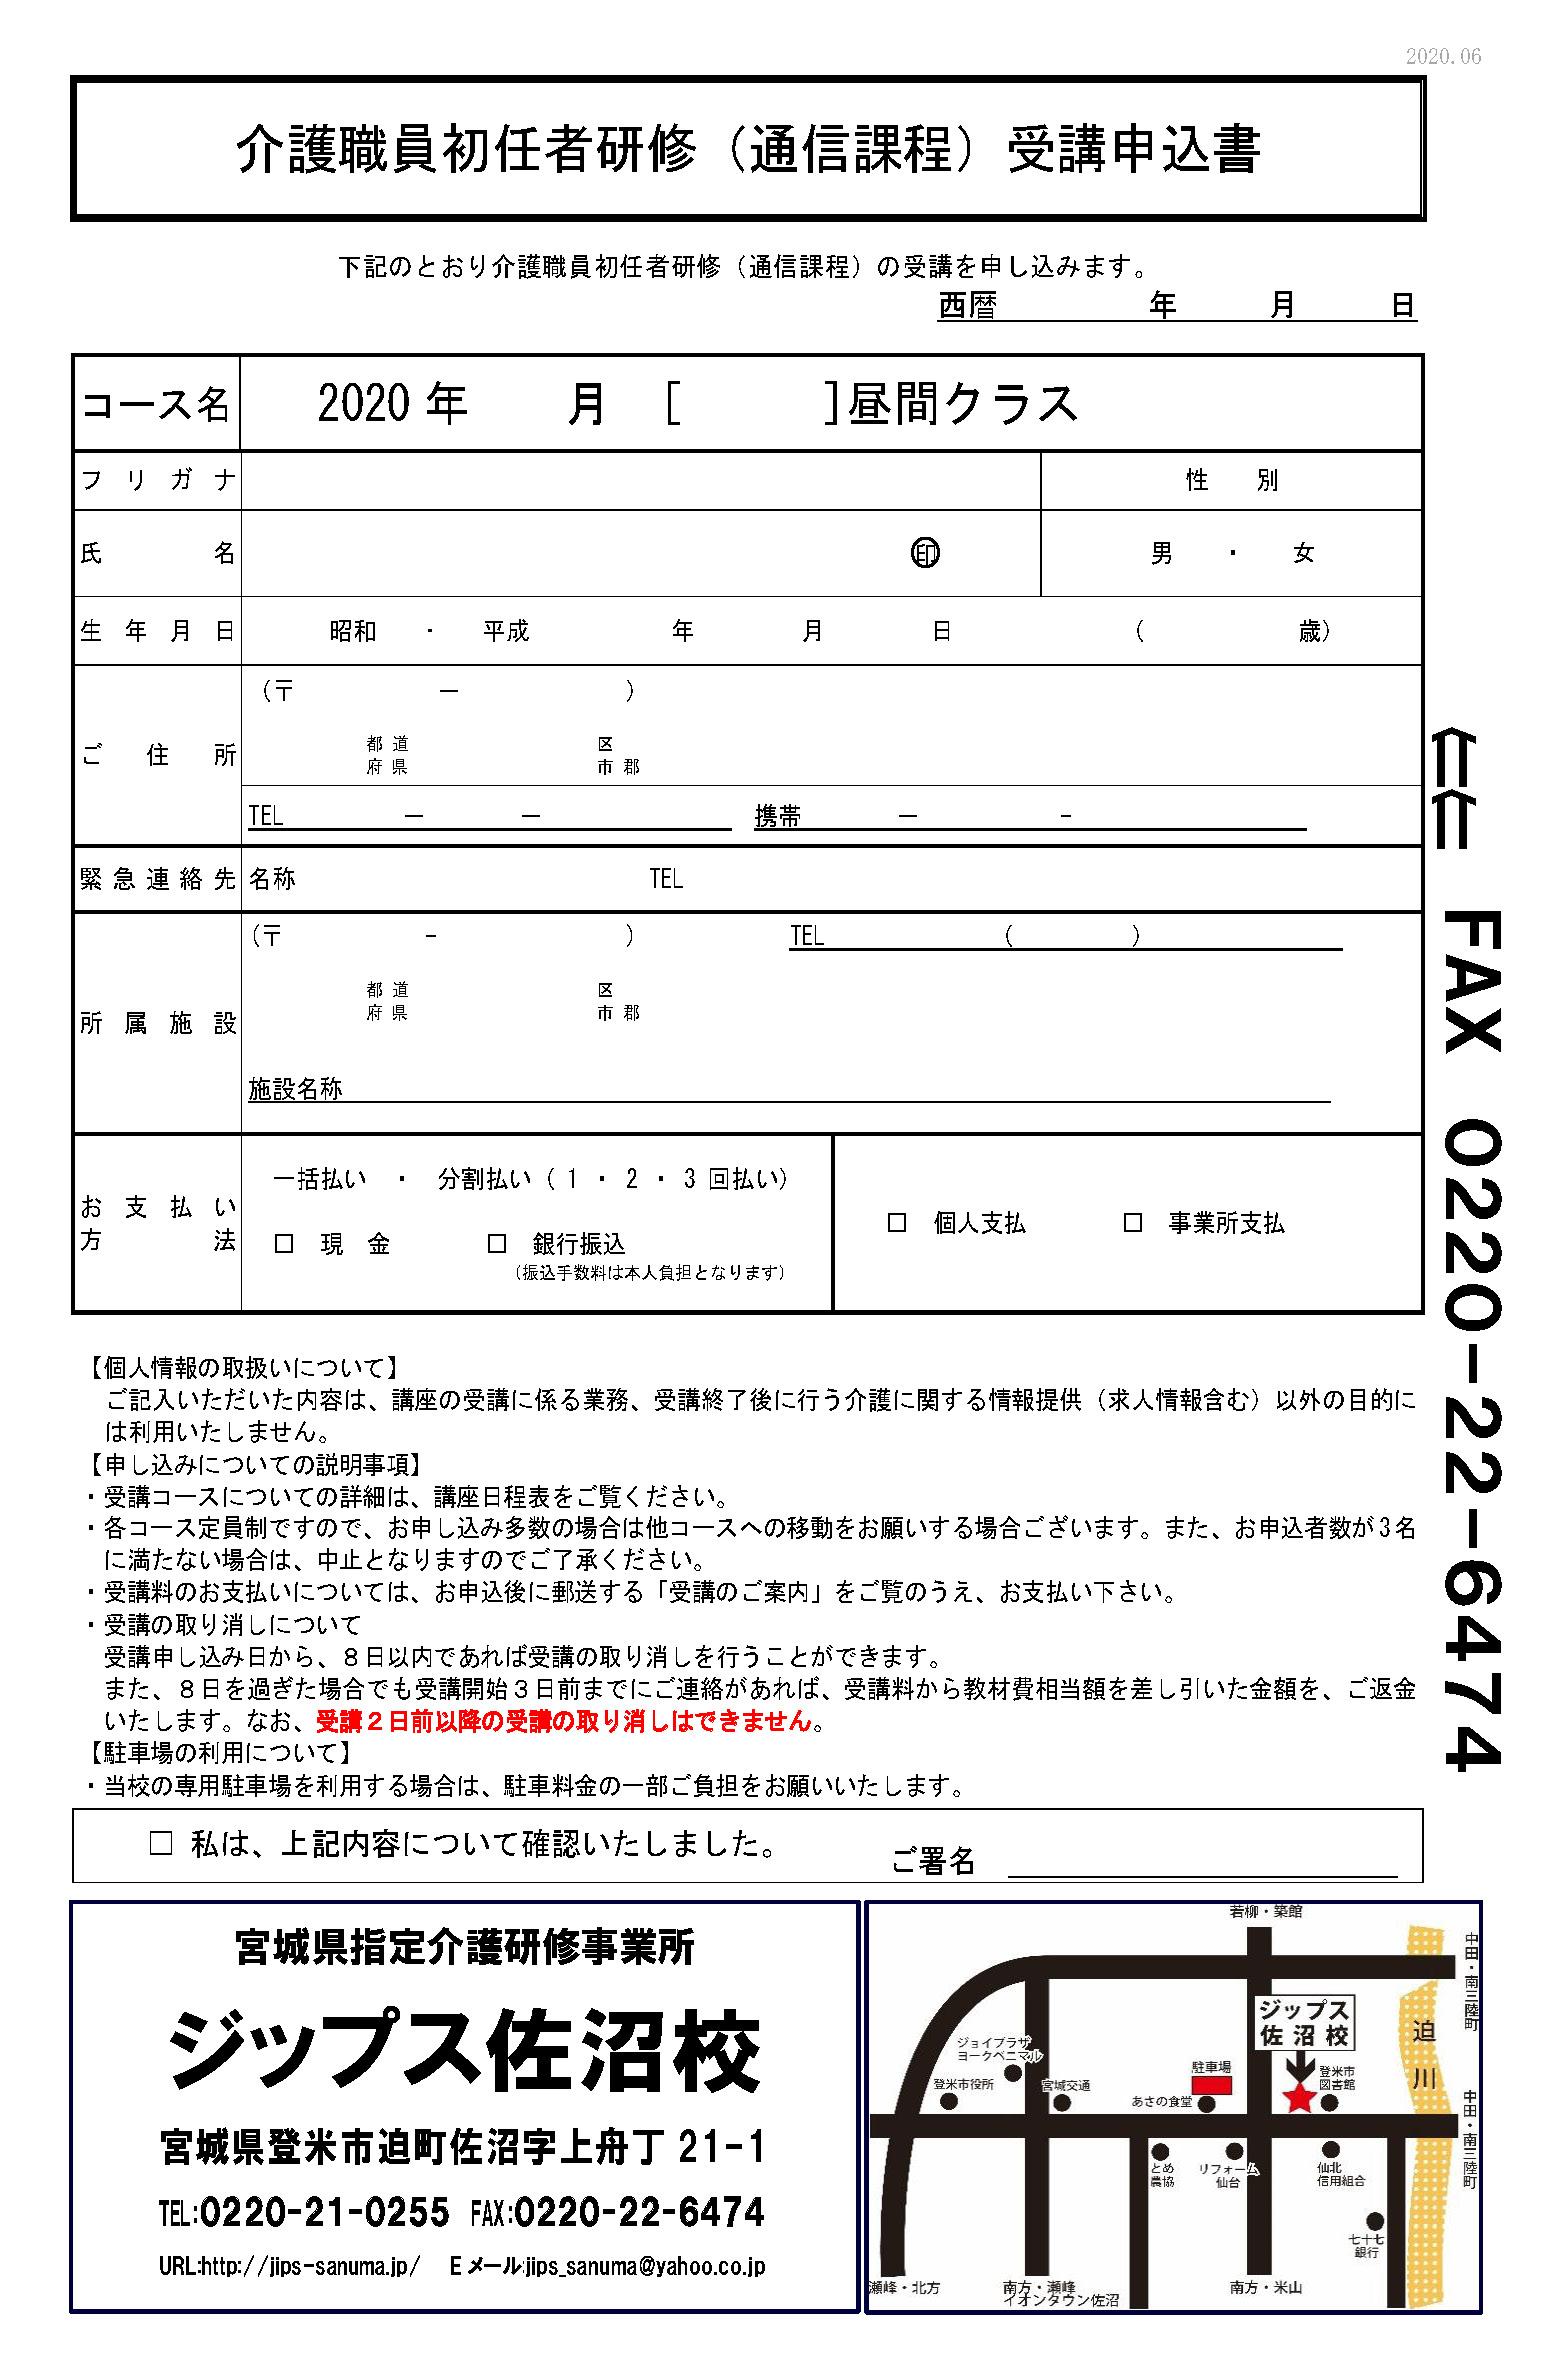 初任者研修募集チラシ2020年7月-11月_ページ_2